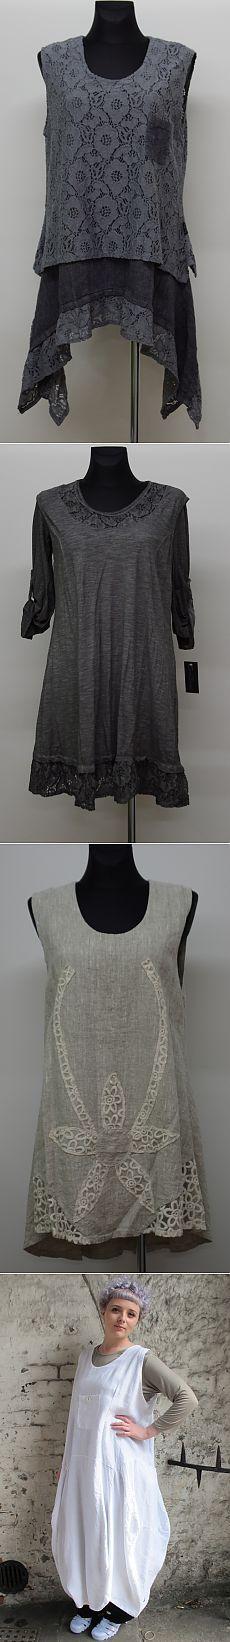 бохо.немецкая одежда с бразильским именем sarah santos .